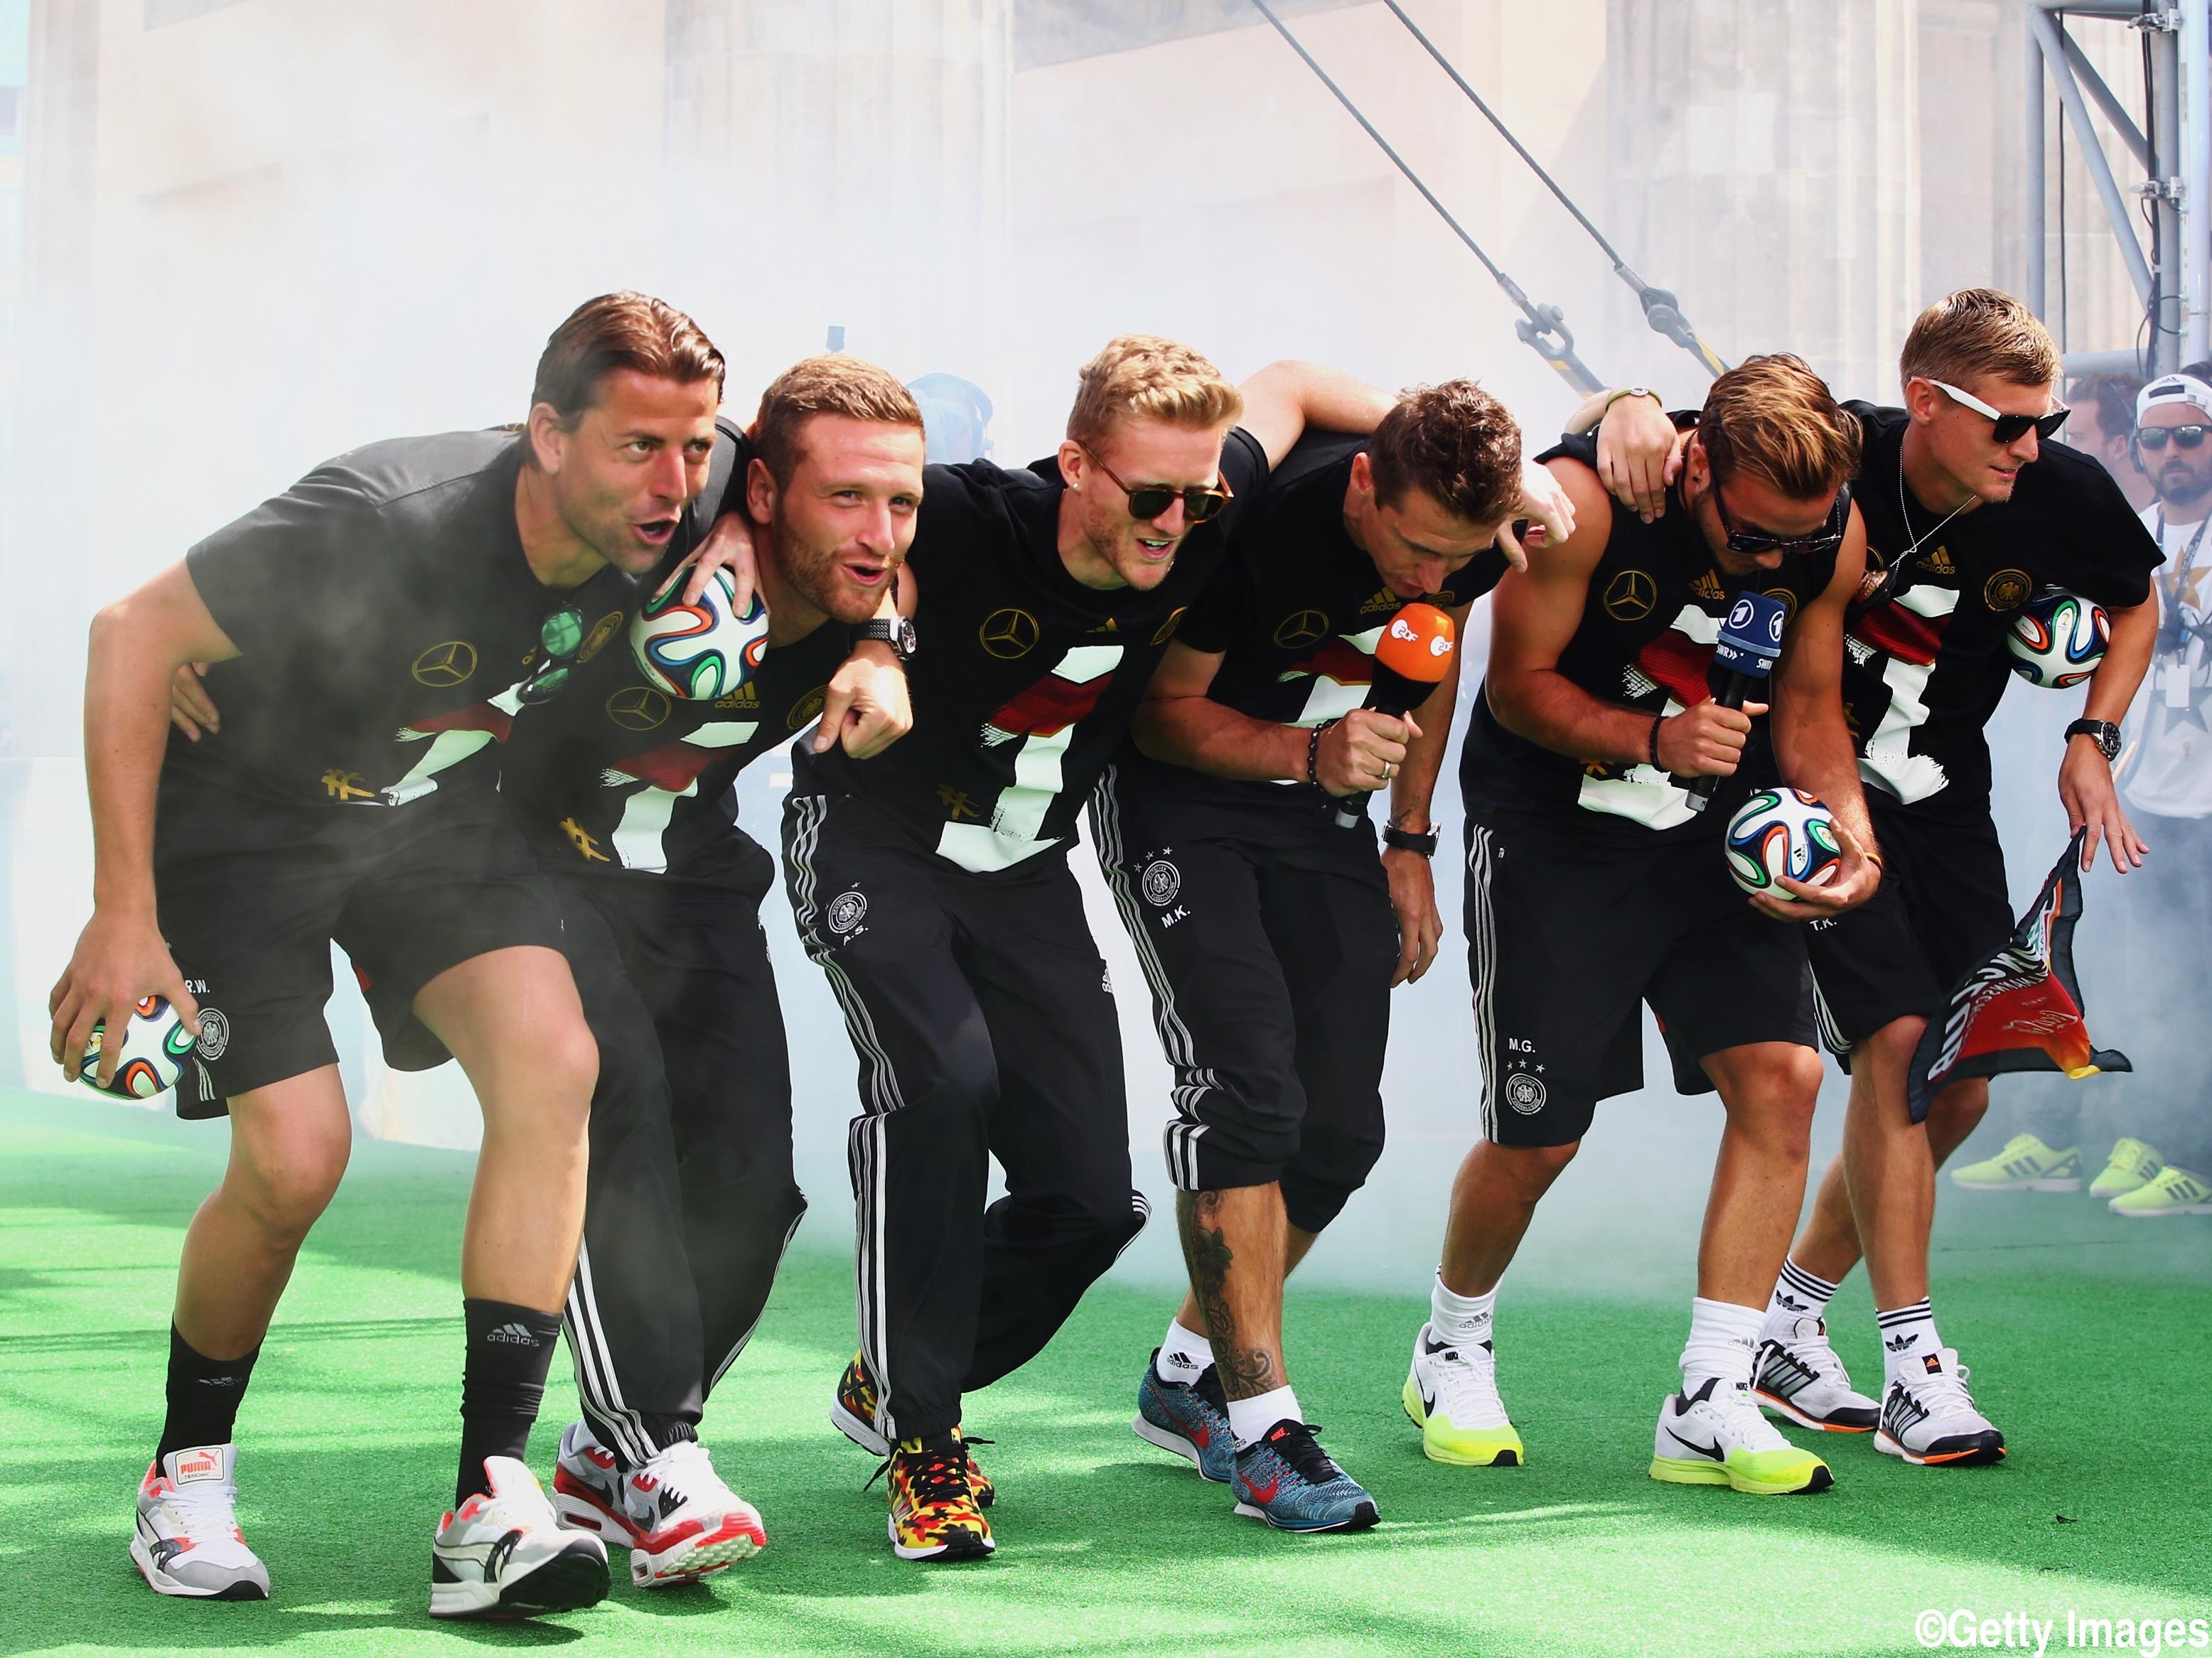 W杯優勝のドイツ代表が人種差別問題?V報告会でのダンスが物議かもす